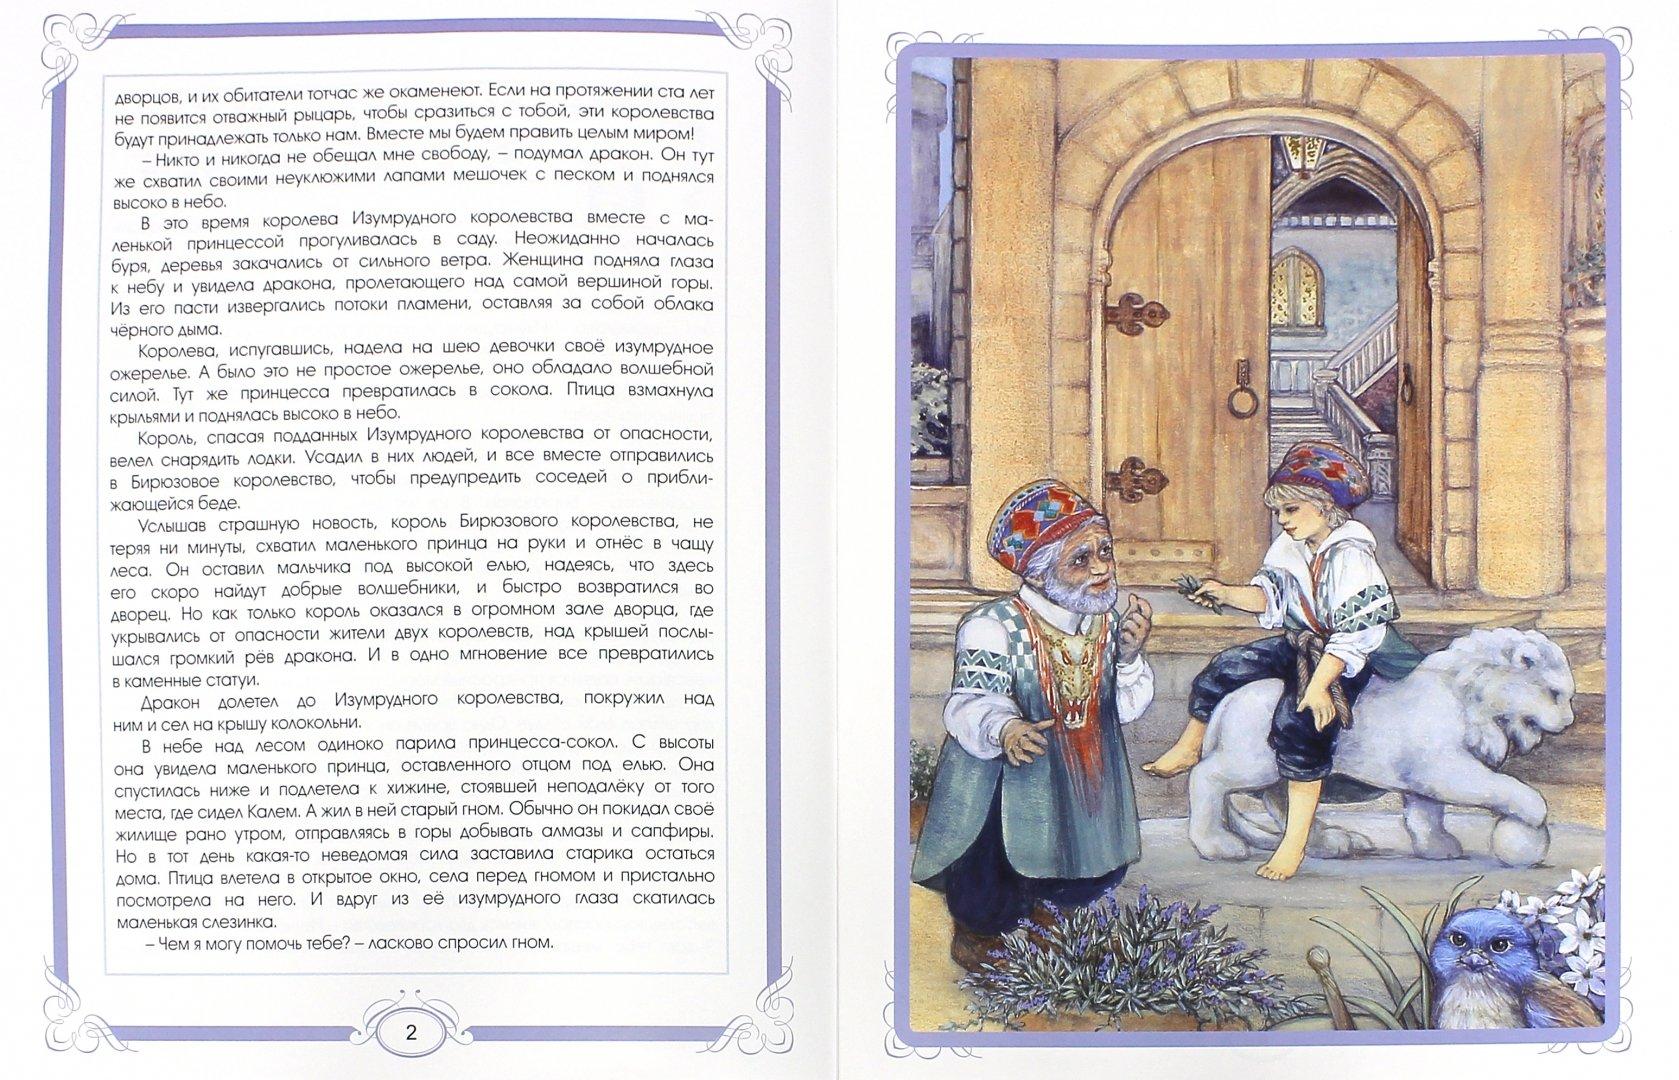 Иллюстрация 1 из 22 для Сказка о рыцаре и заколдованной принцессе | Лабиринт - книги. Источник: Лабиринт